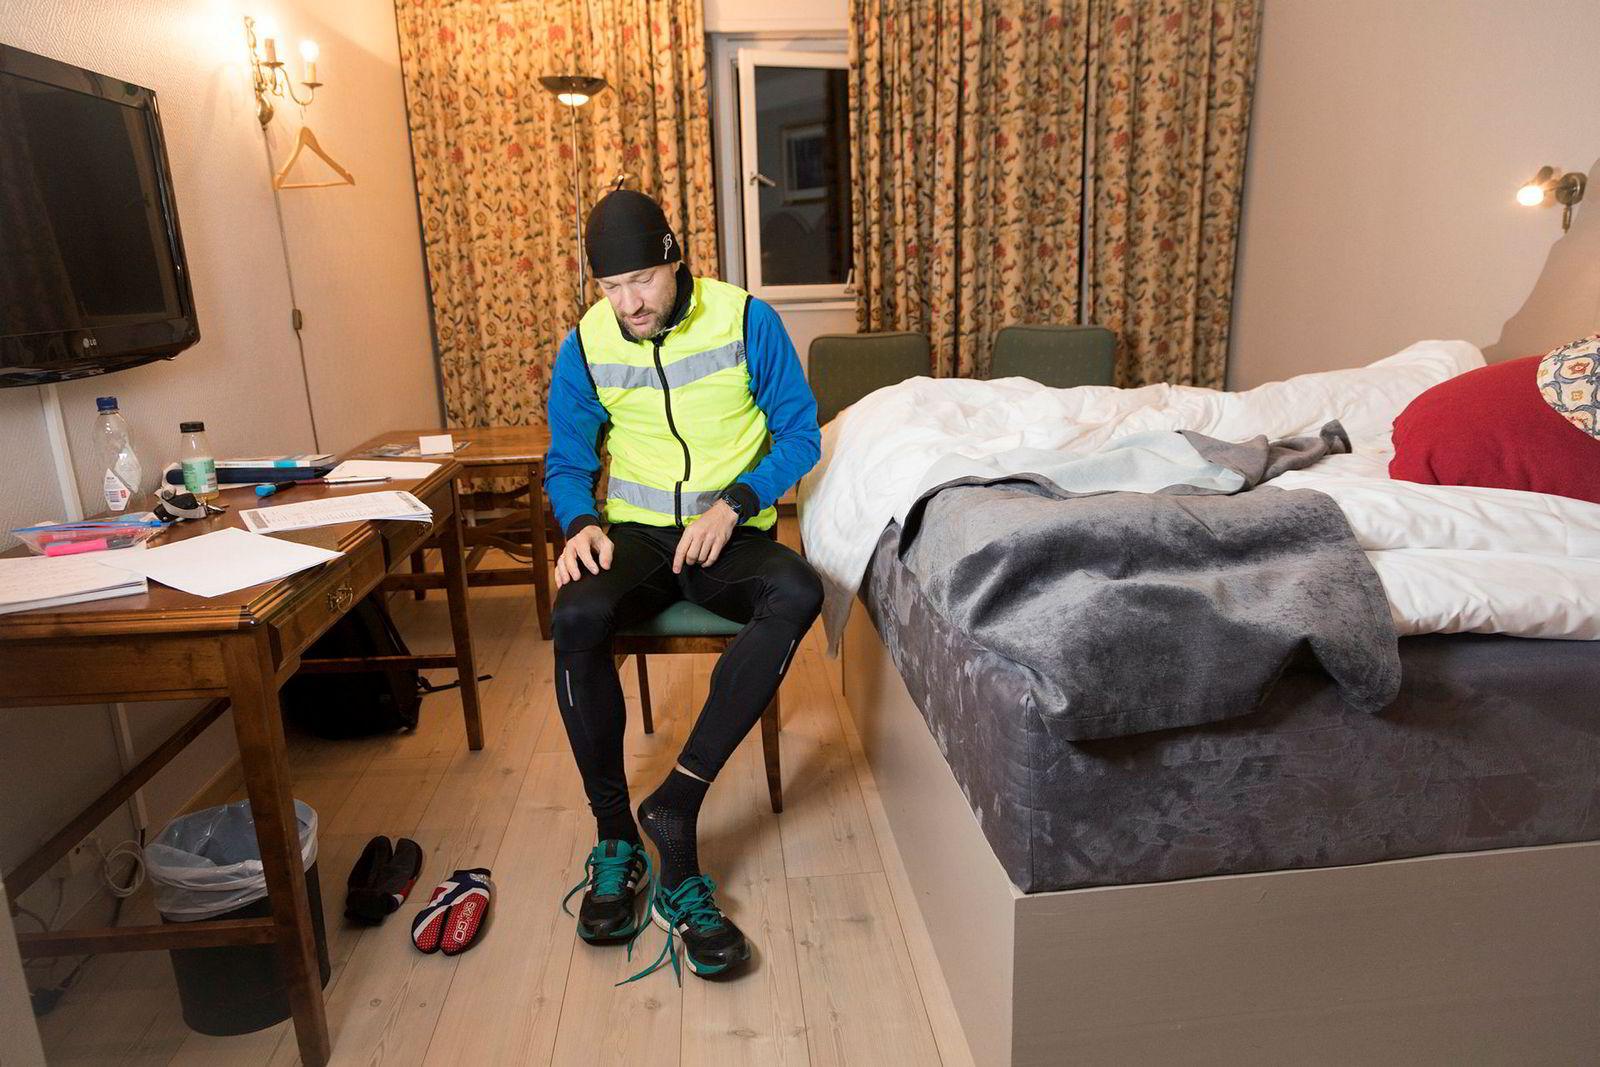 Klokken er halv syv da Post tar på seg løpeskoene. Etter noen timers søvn er dette morgenrutinen på jobbreise.